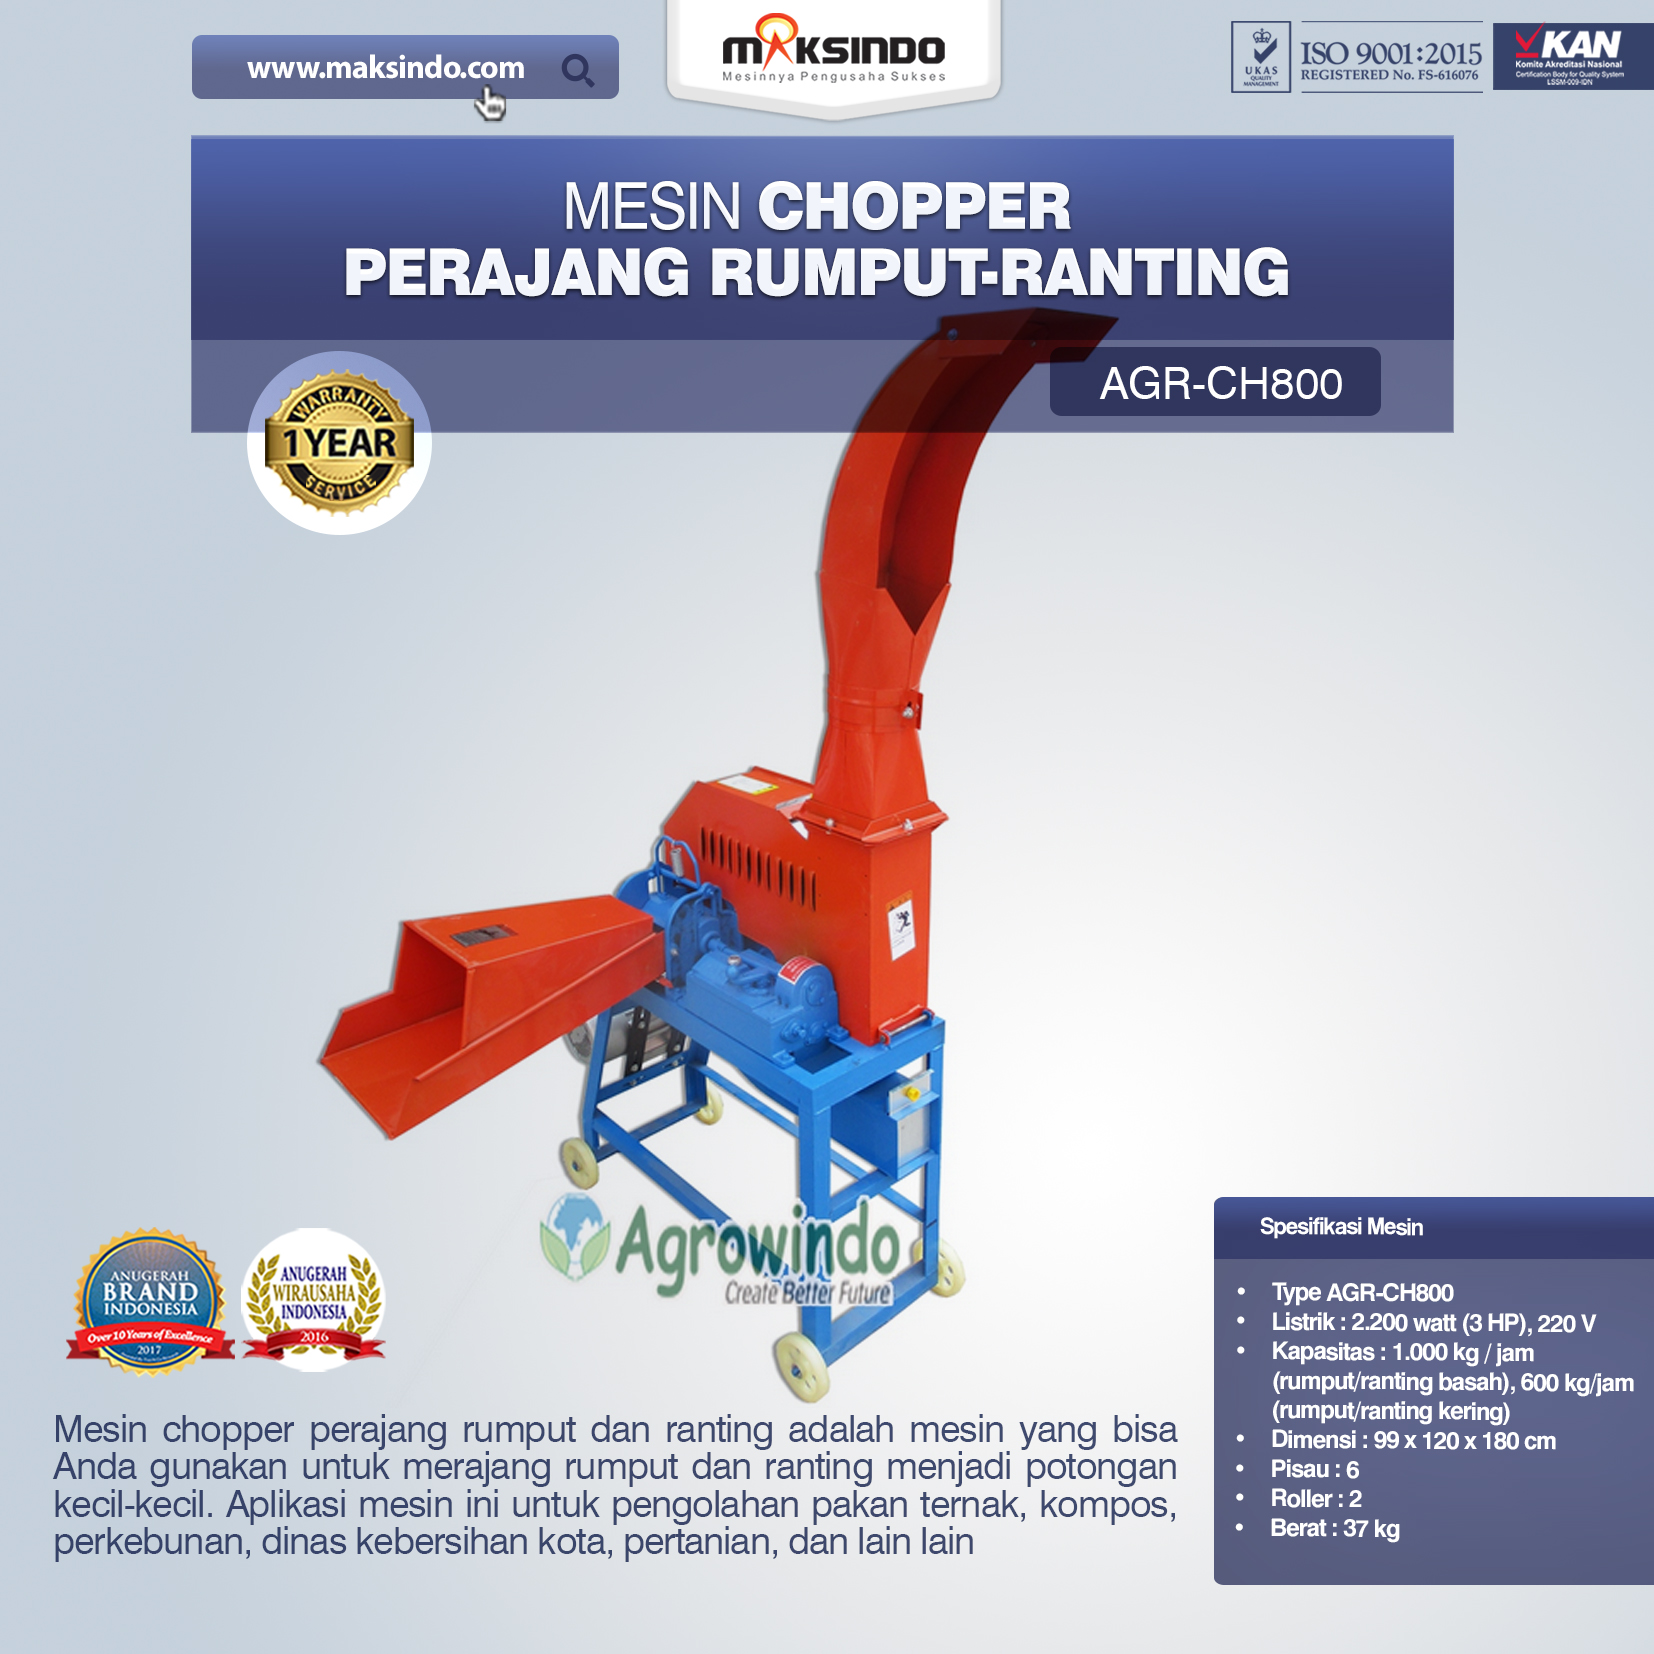 Jual Mesin Chopper Perajang Rumput-Ranting AGR- CH800 di Bogor